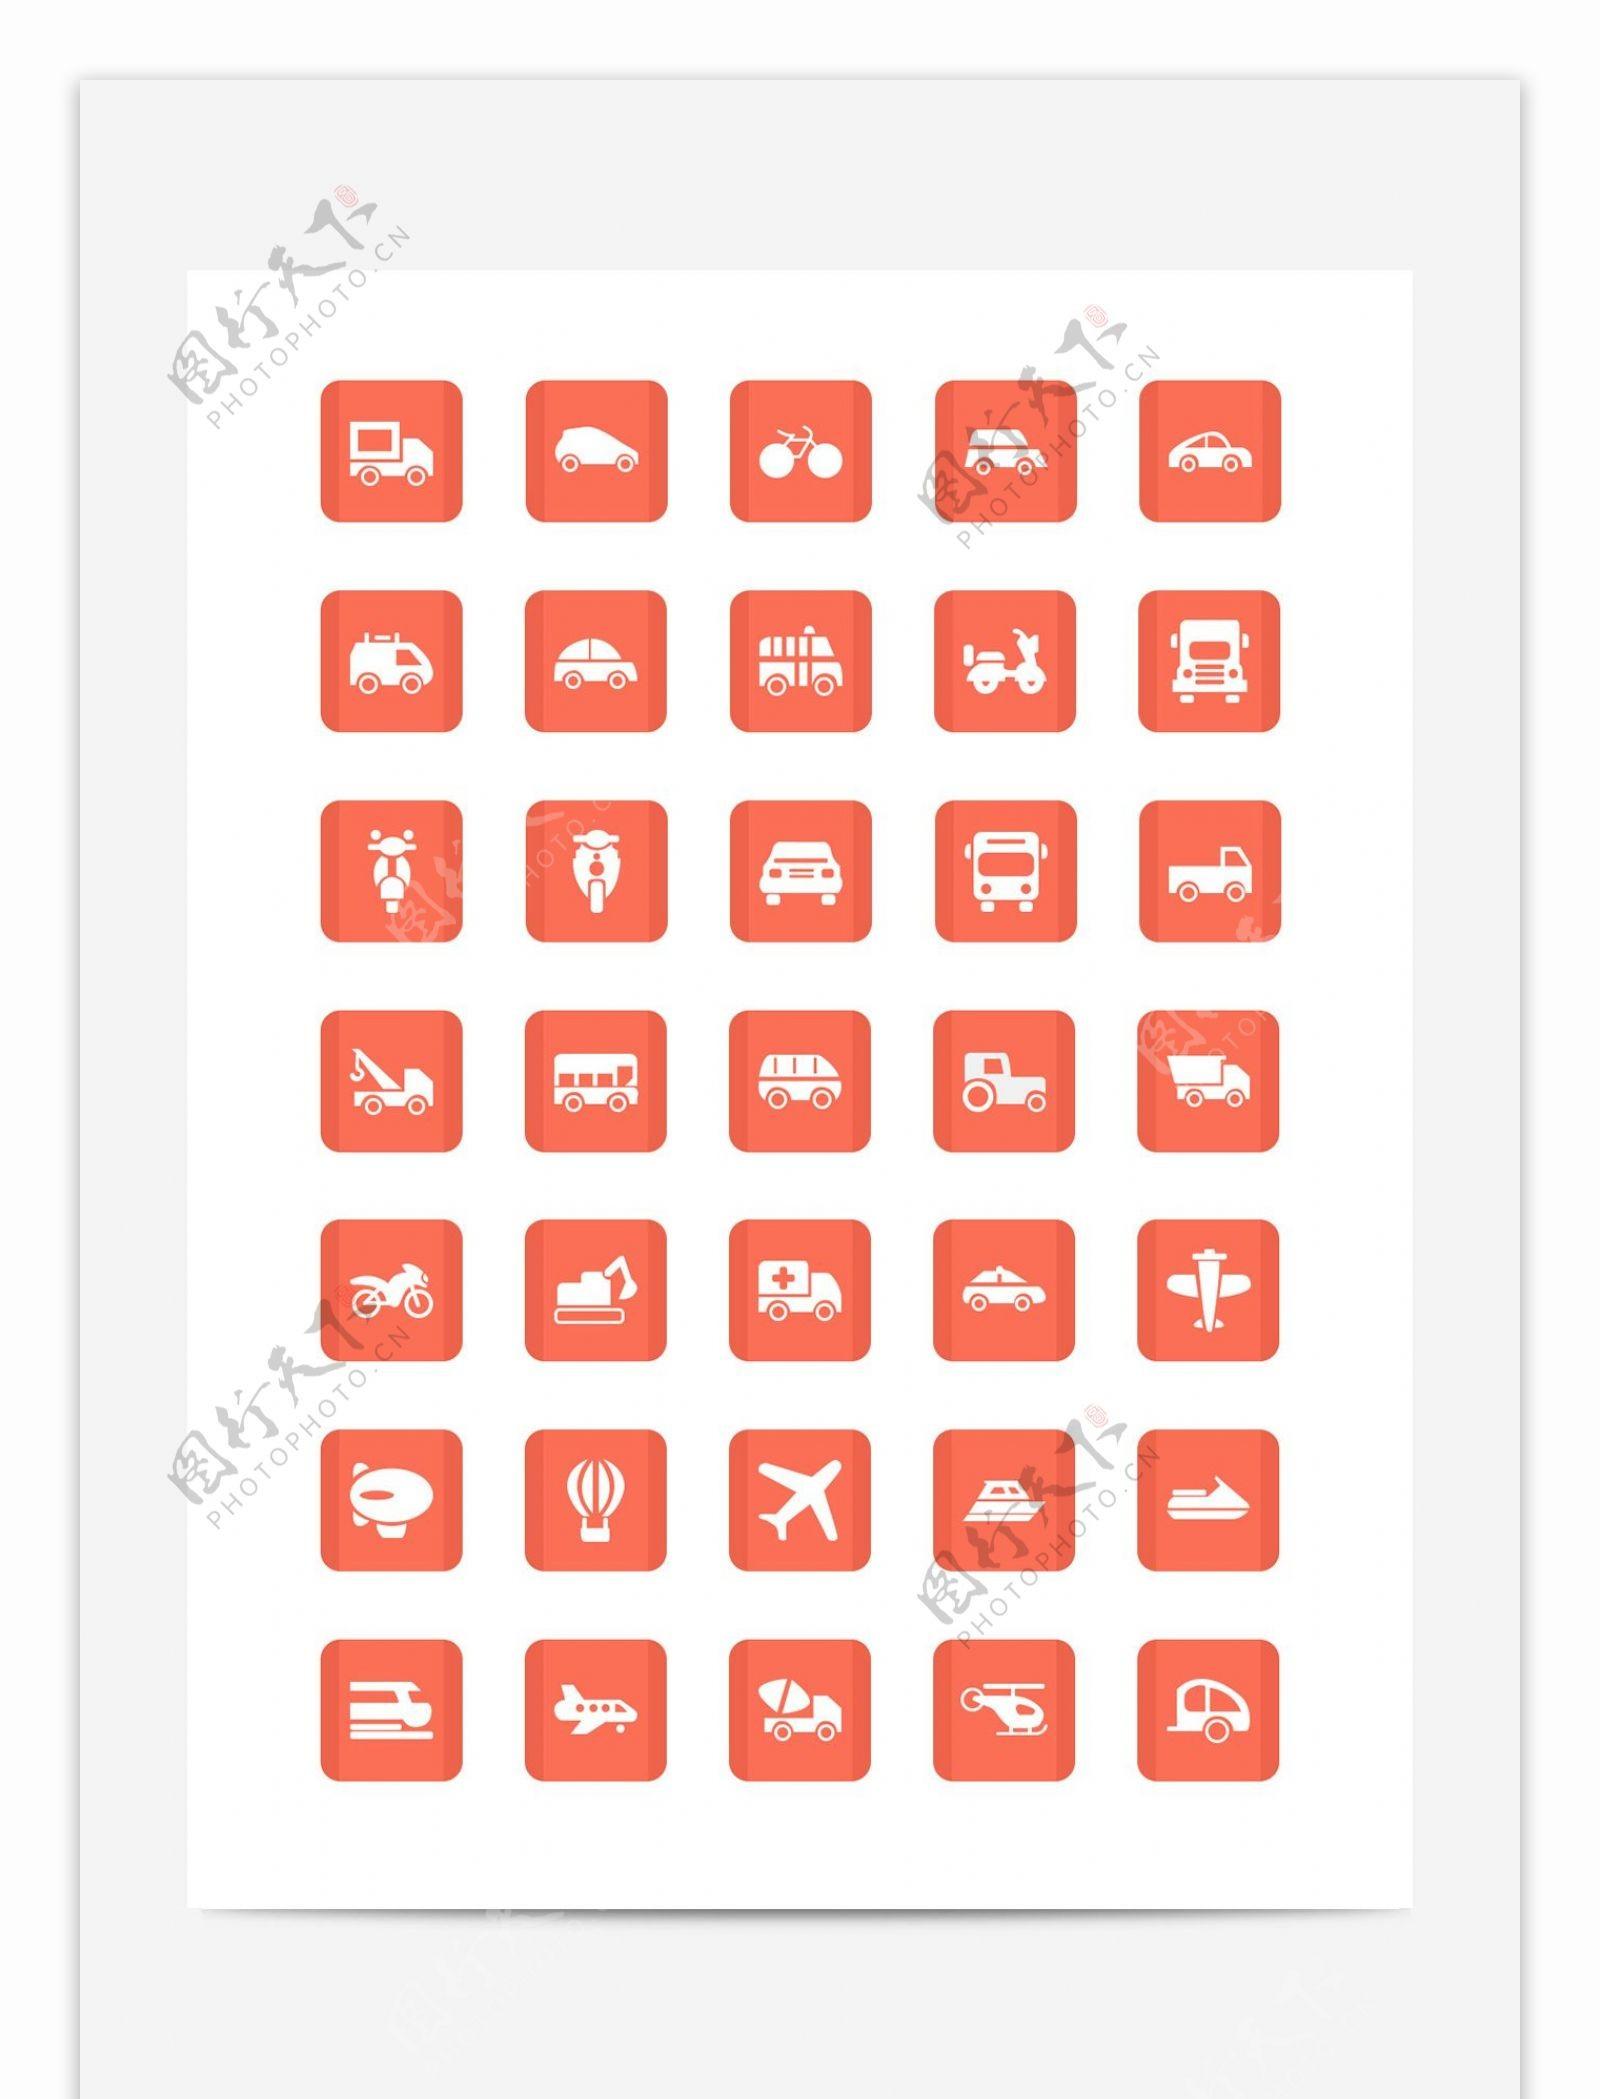 剪纸风icon设计